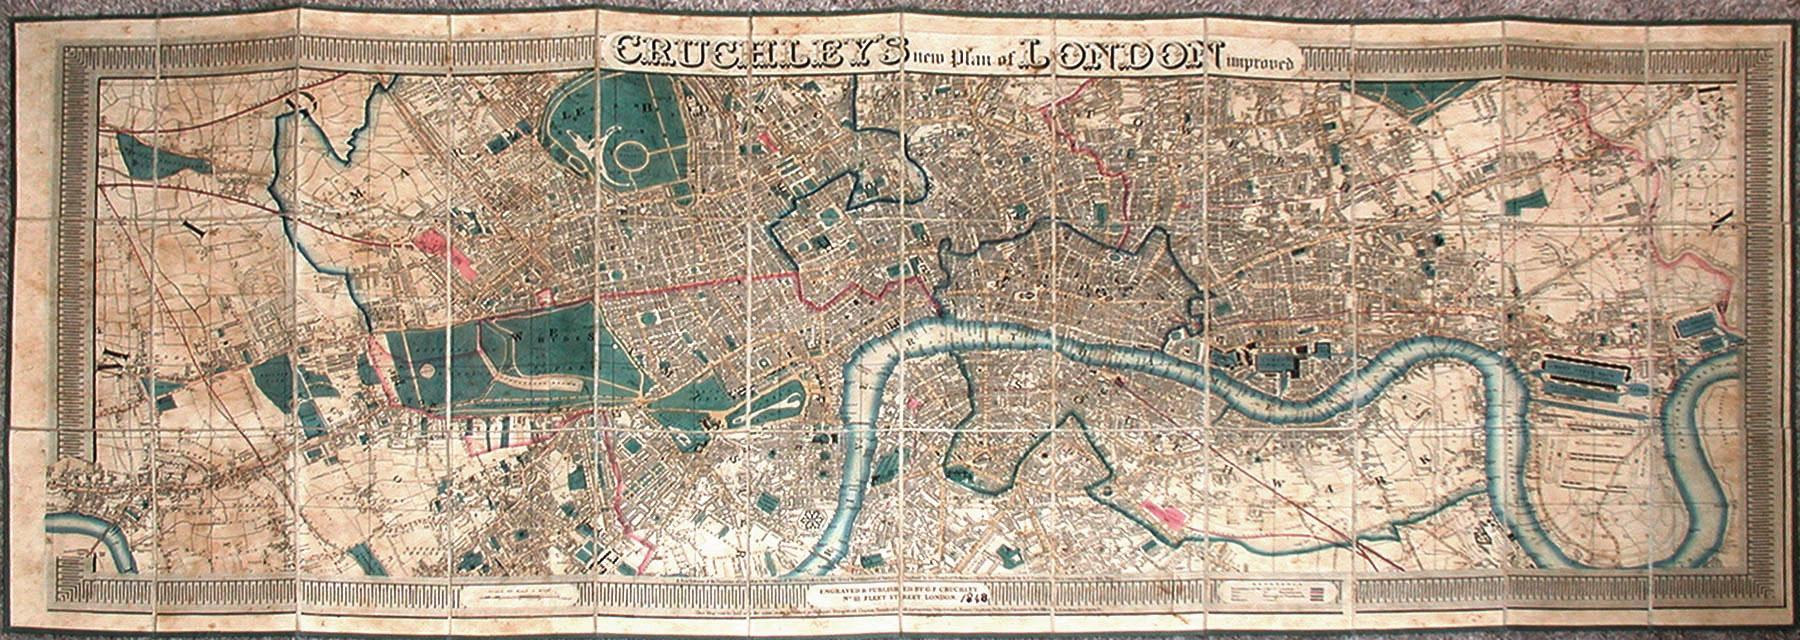 cruchley_london_1848.jpg